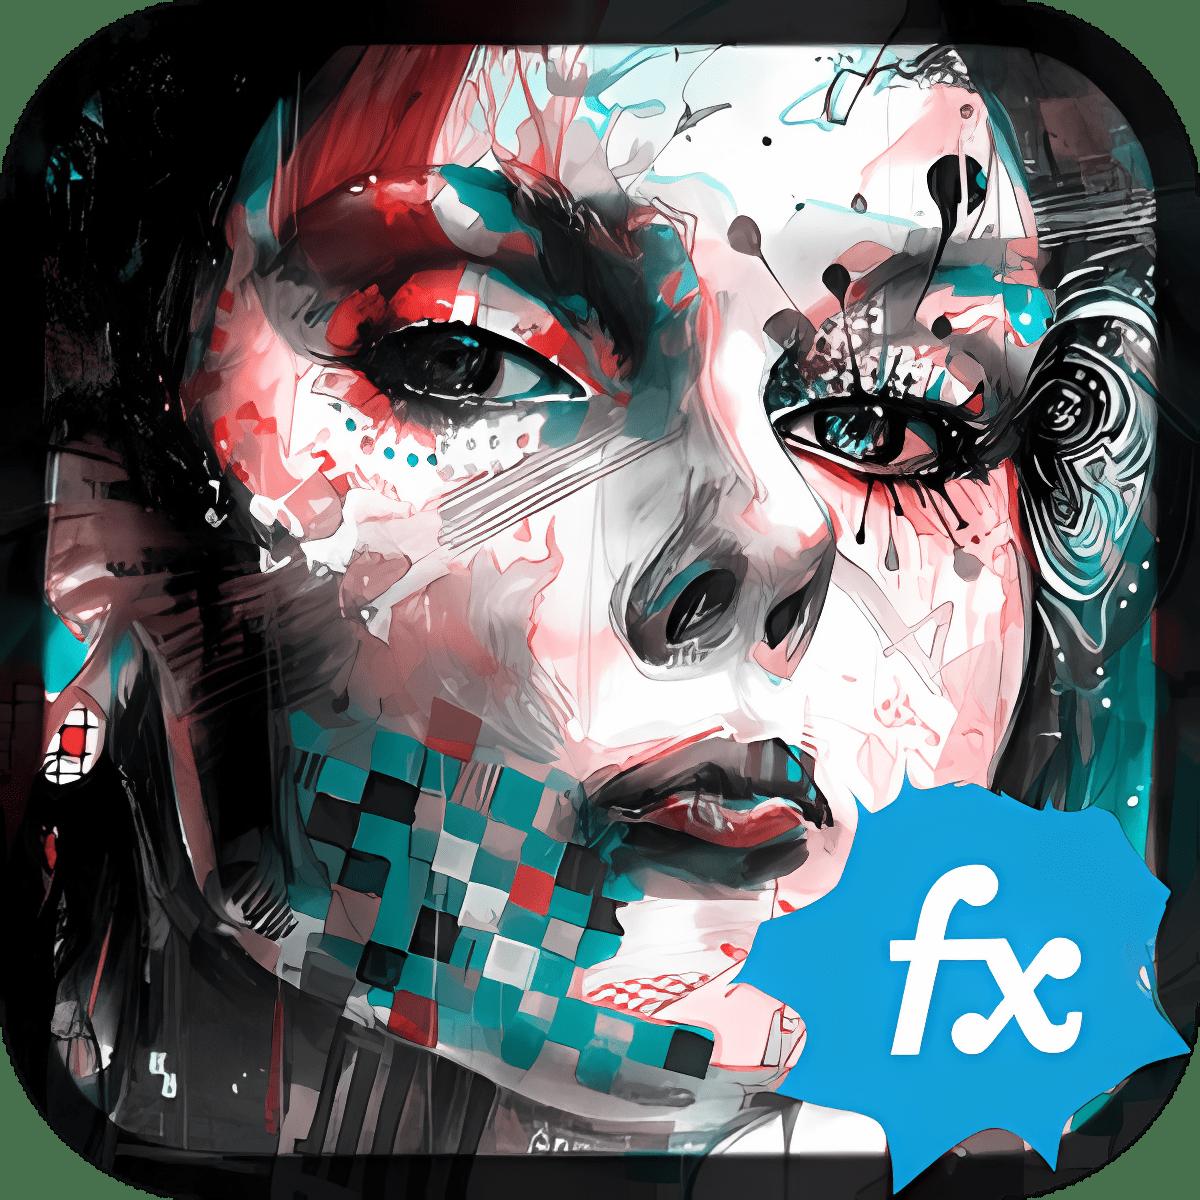 Graffiti FX